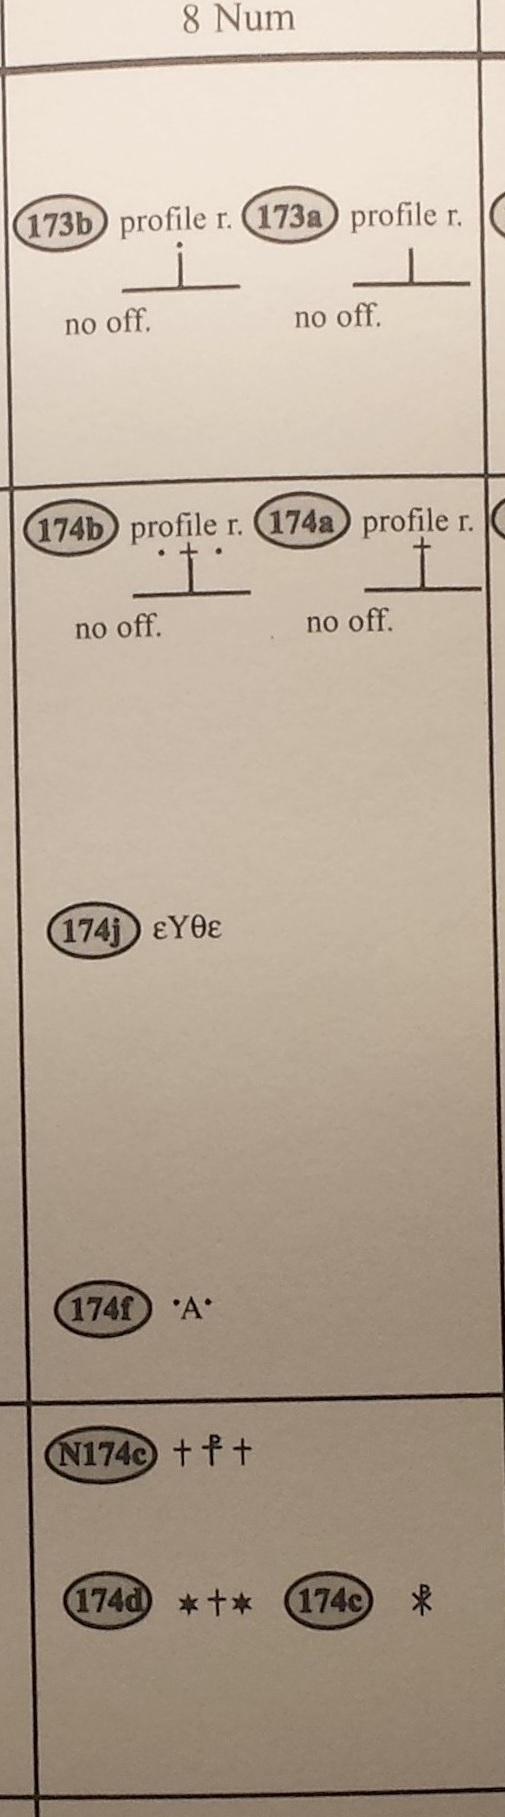 Les Byzantines de PYL - Page 10 8_numm10